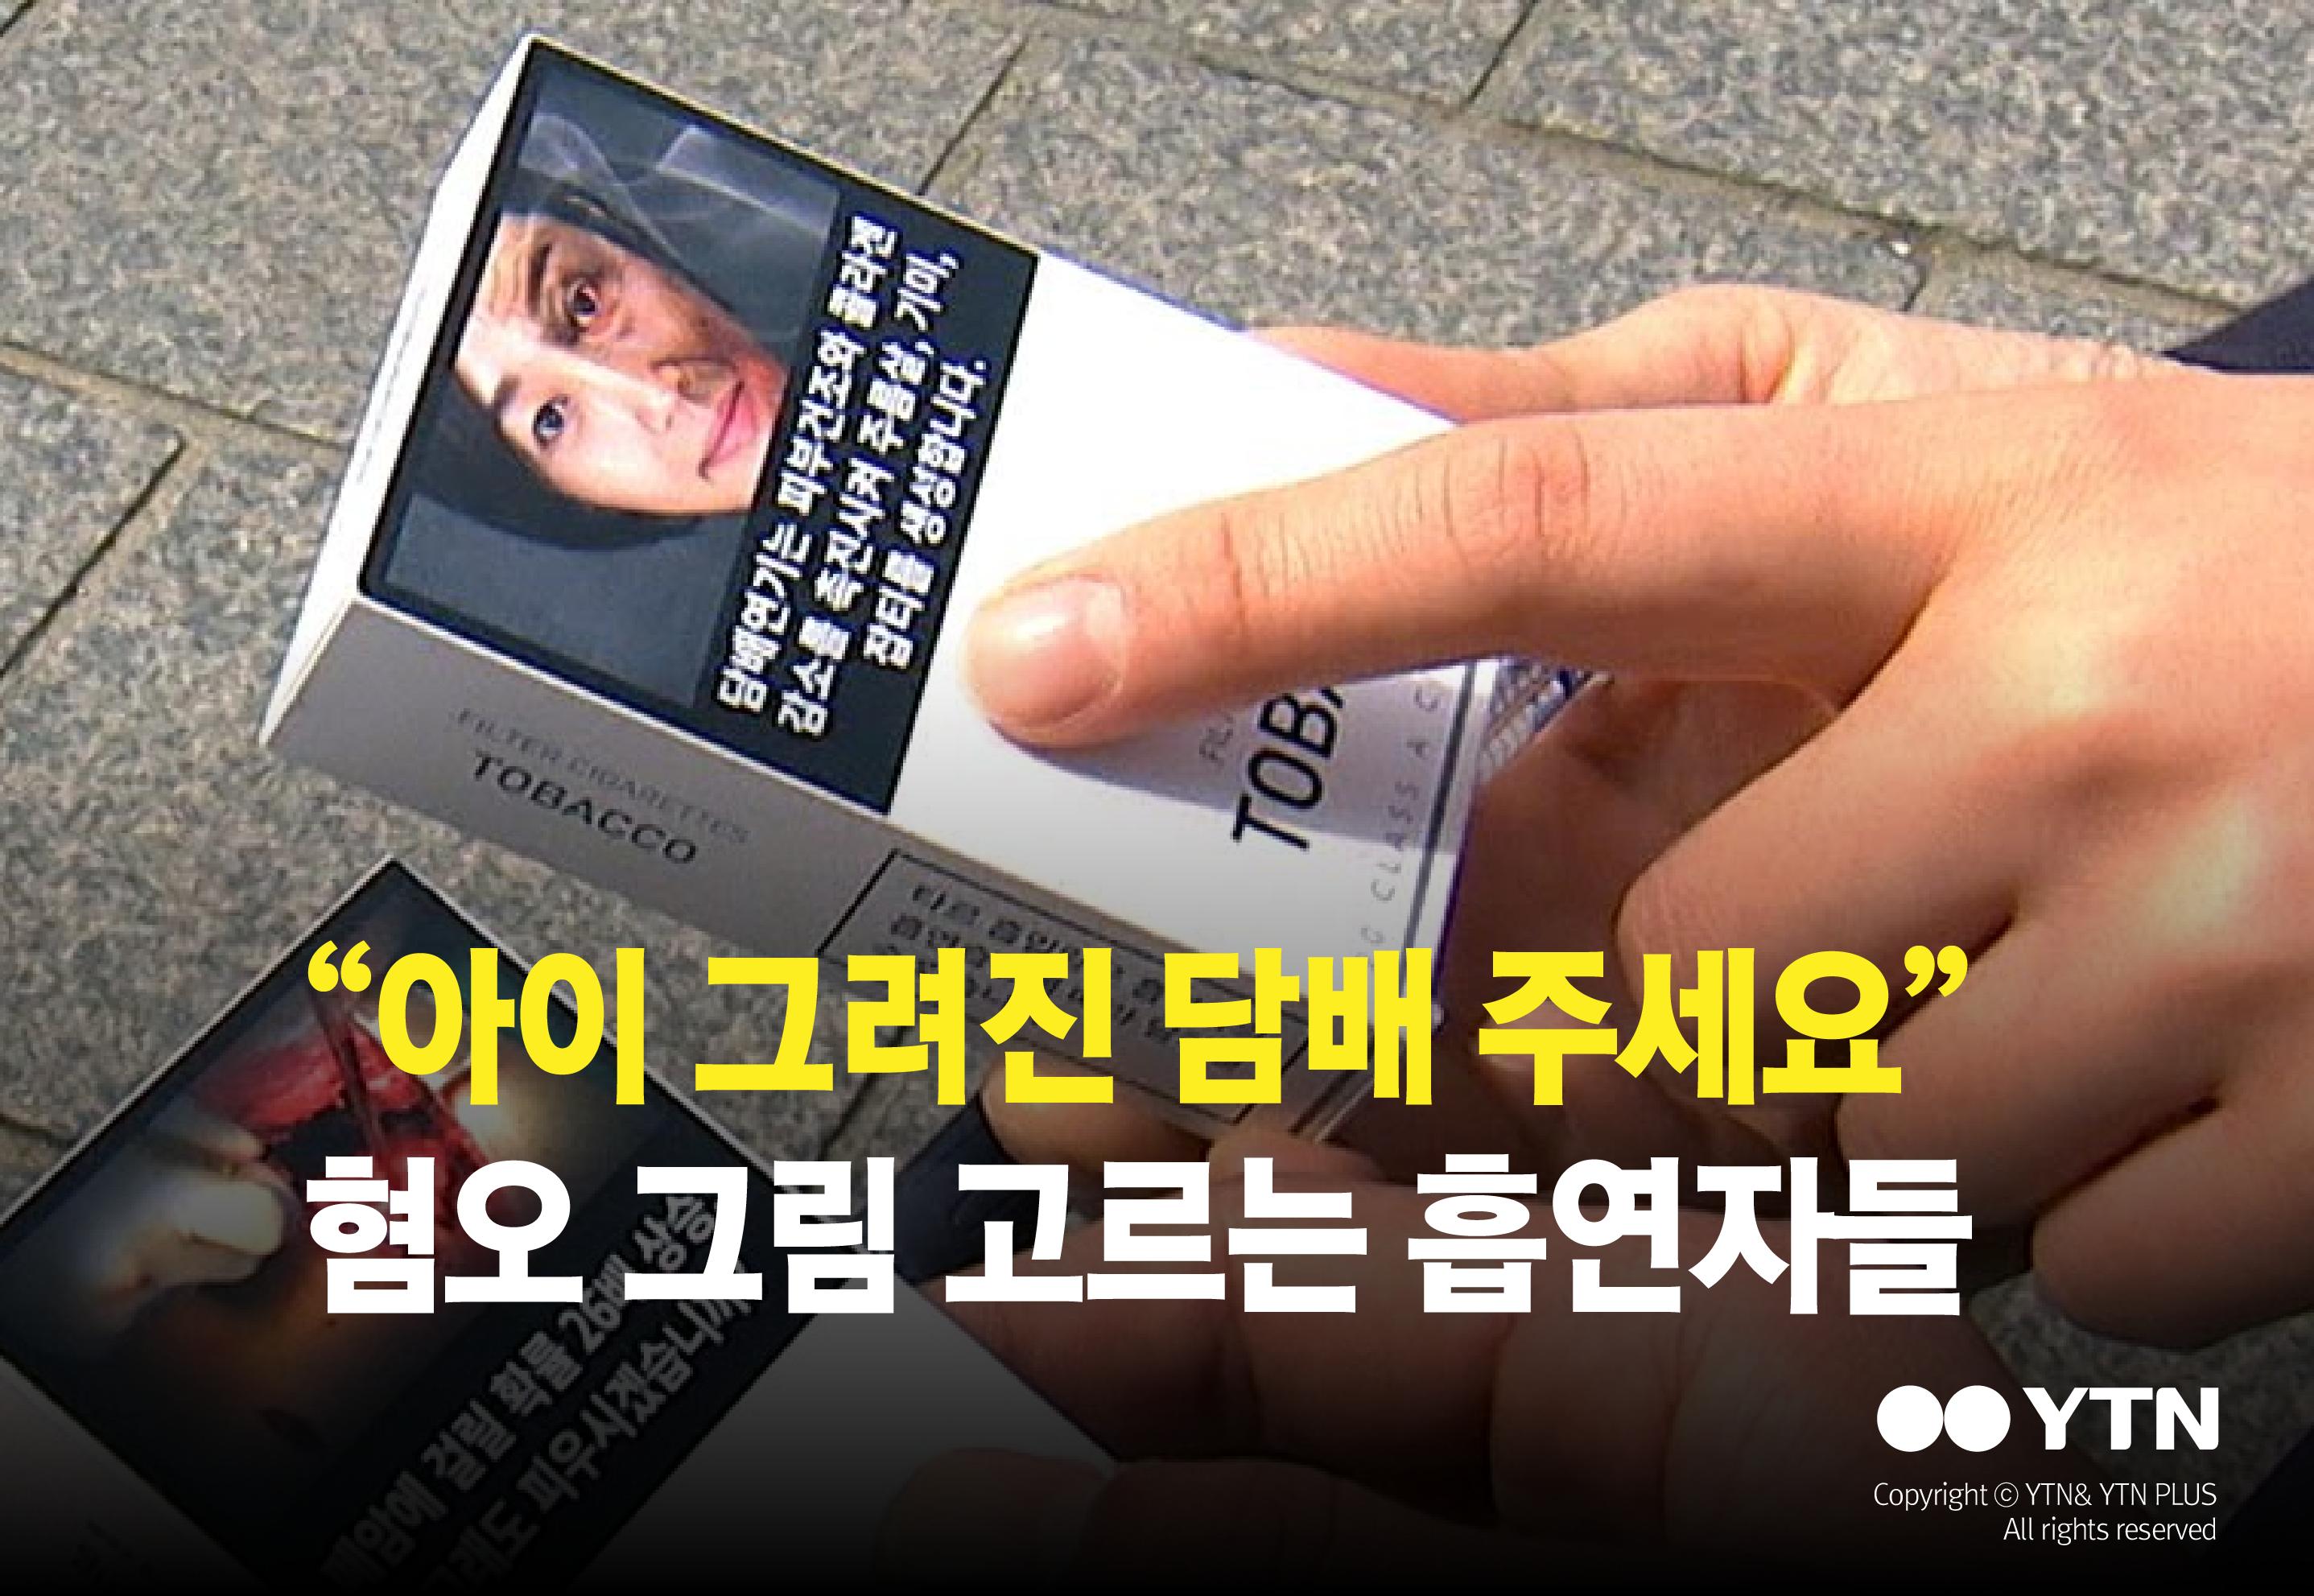 """[한컷뉴스] """"아이 그려진 담배 주세요"""" 혐오 그림 고르는 흡연자들"""